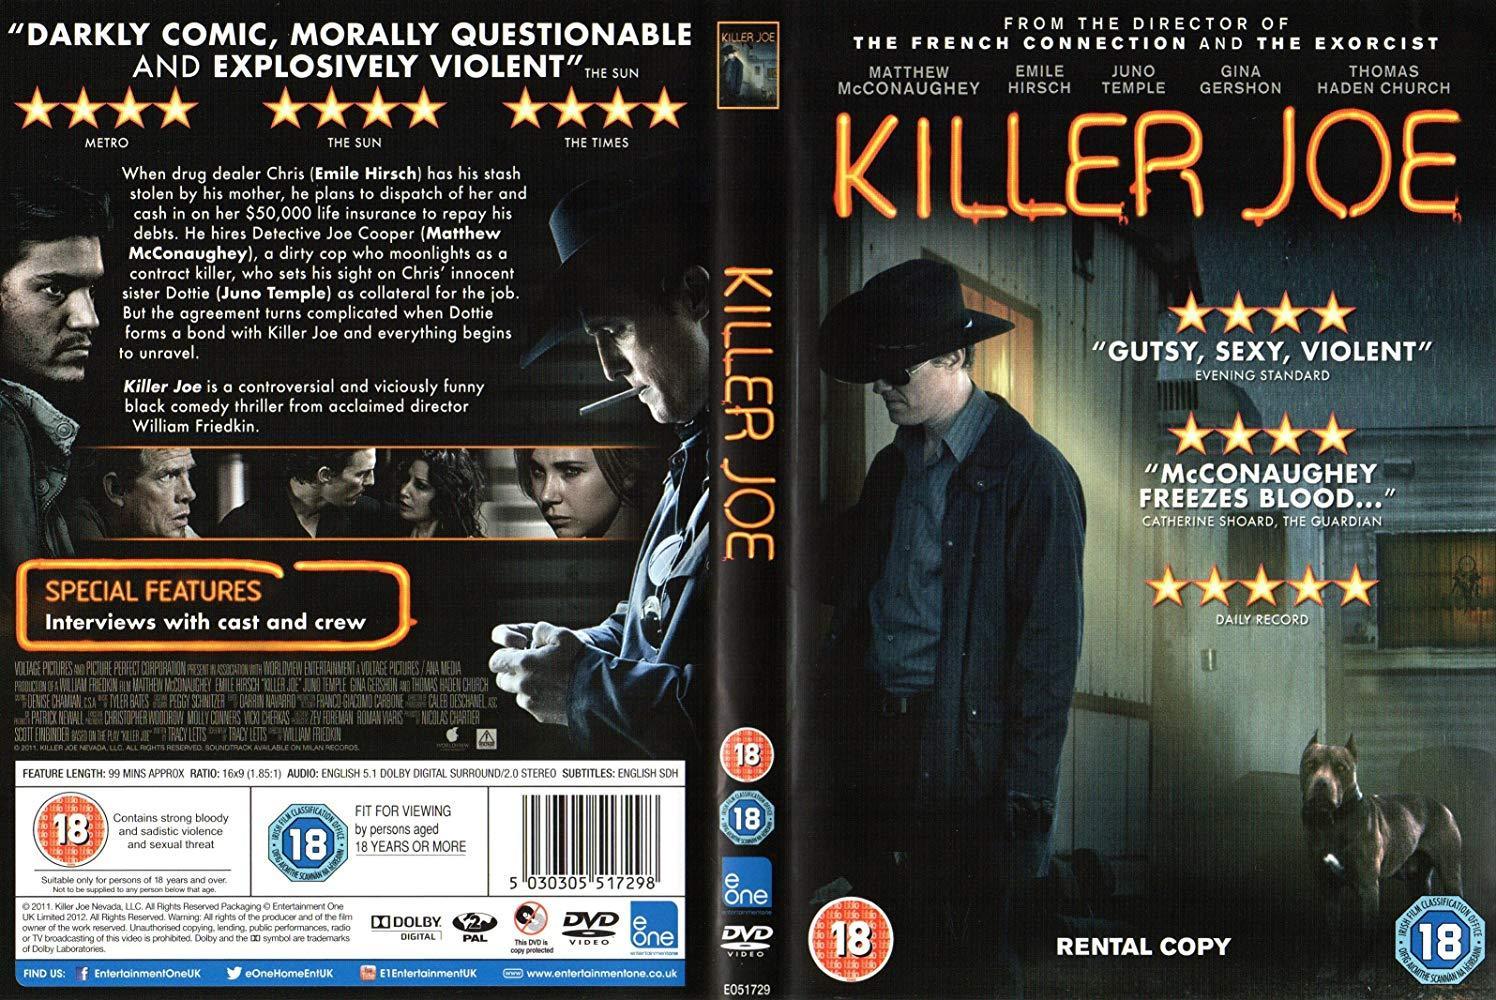 مشاهدة فيلم Killer Joe 2011 HD مترجم كامل اون لاين